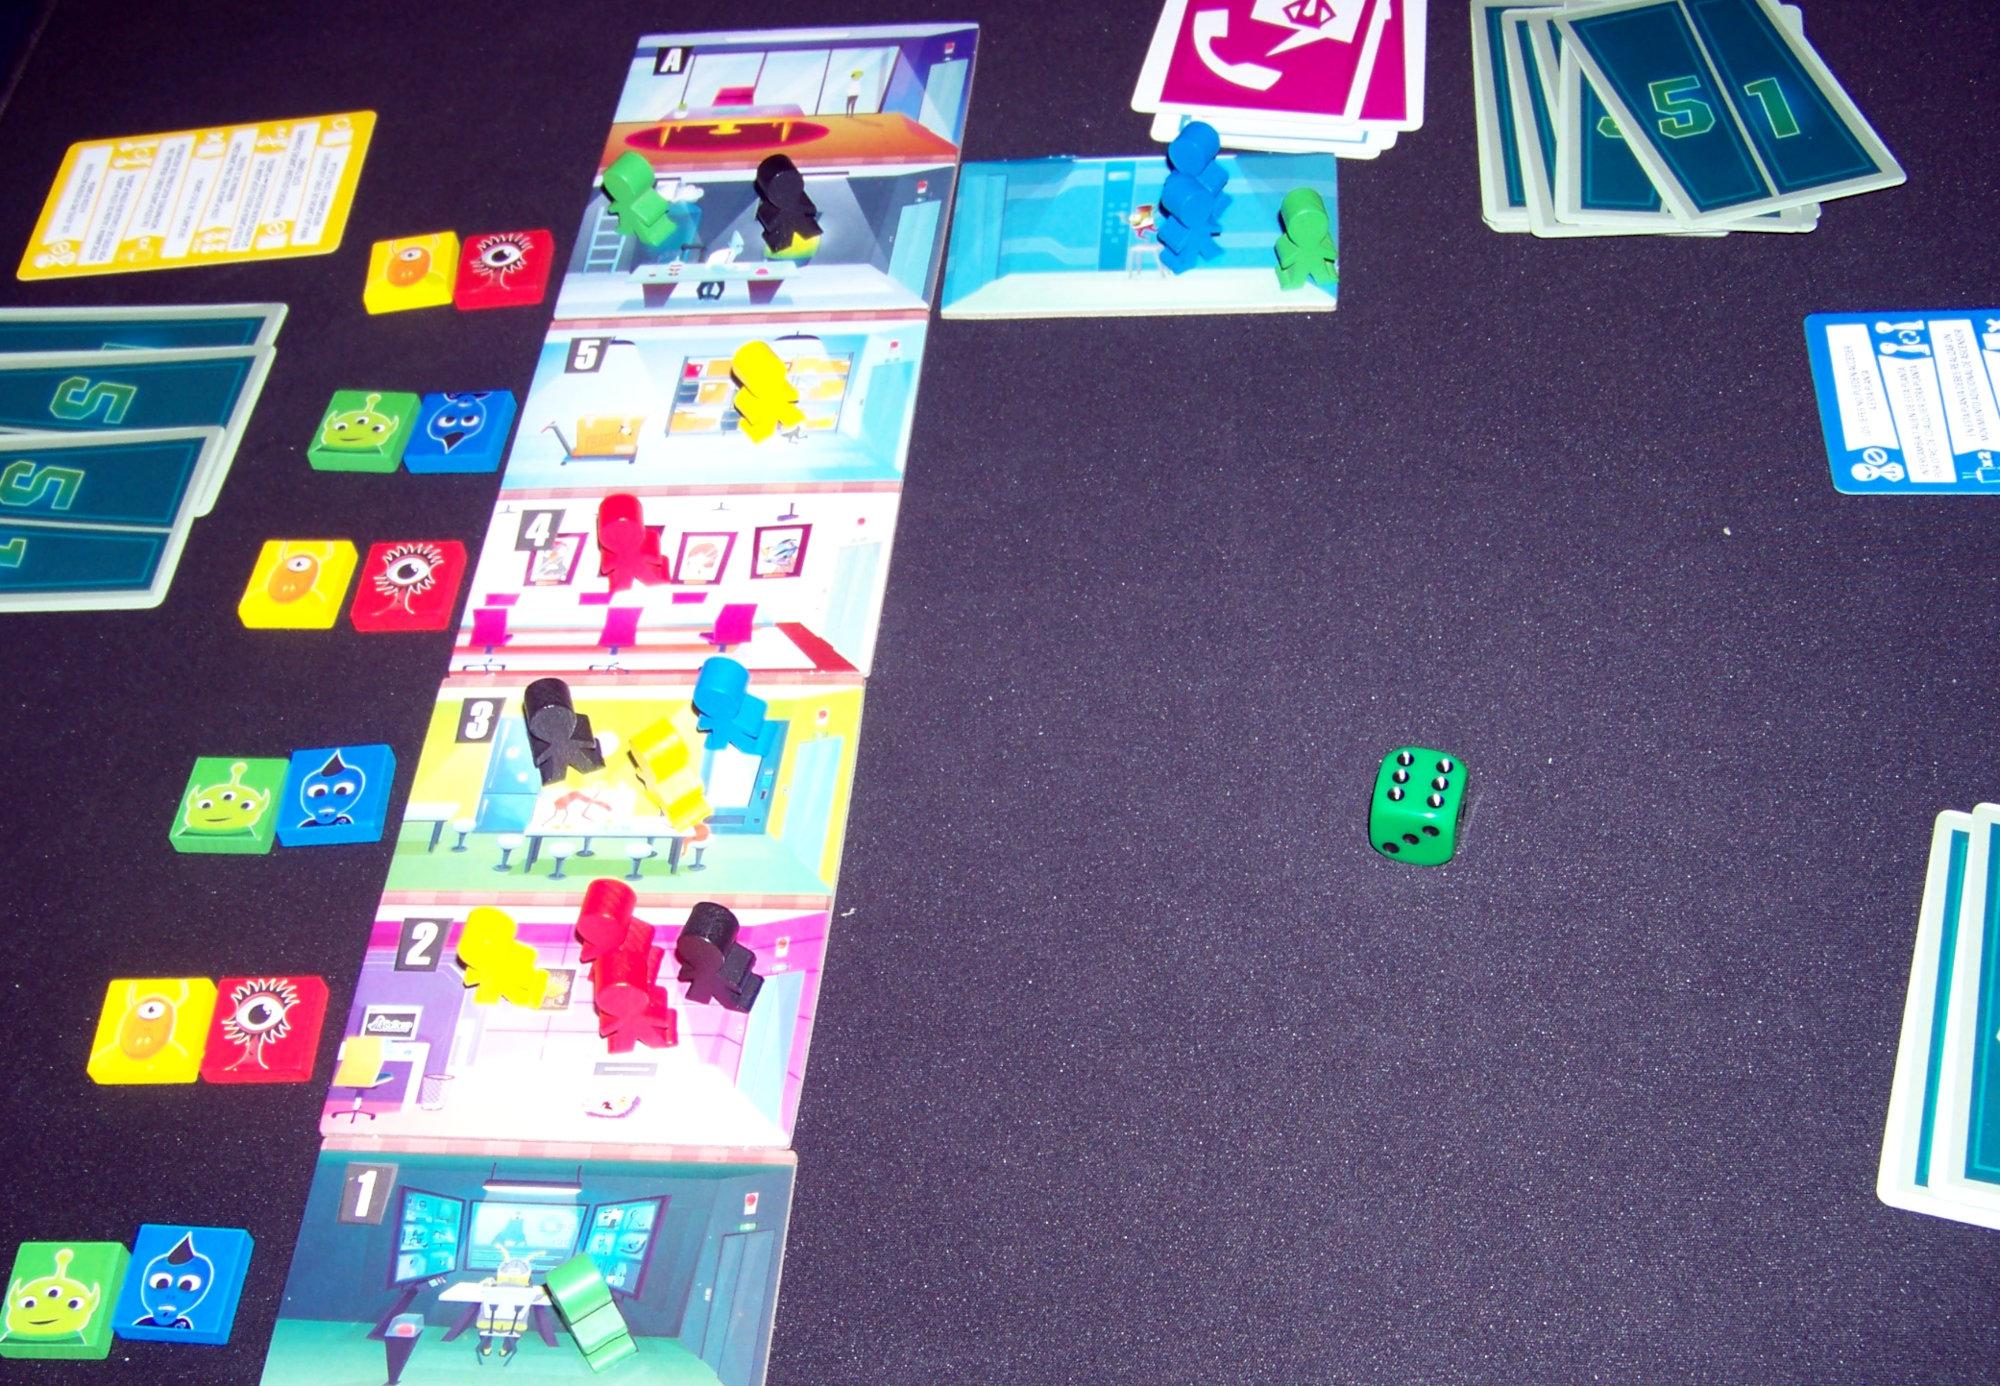 Juego de mesa Alien 51 - ejemplo